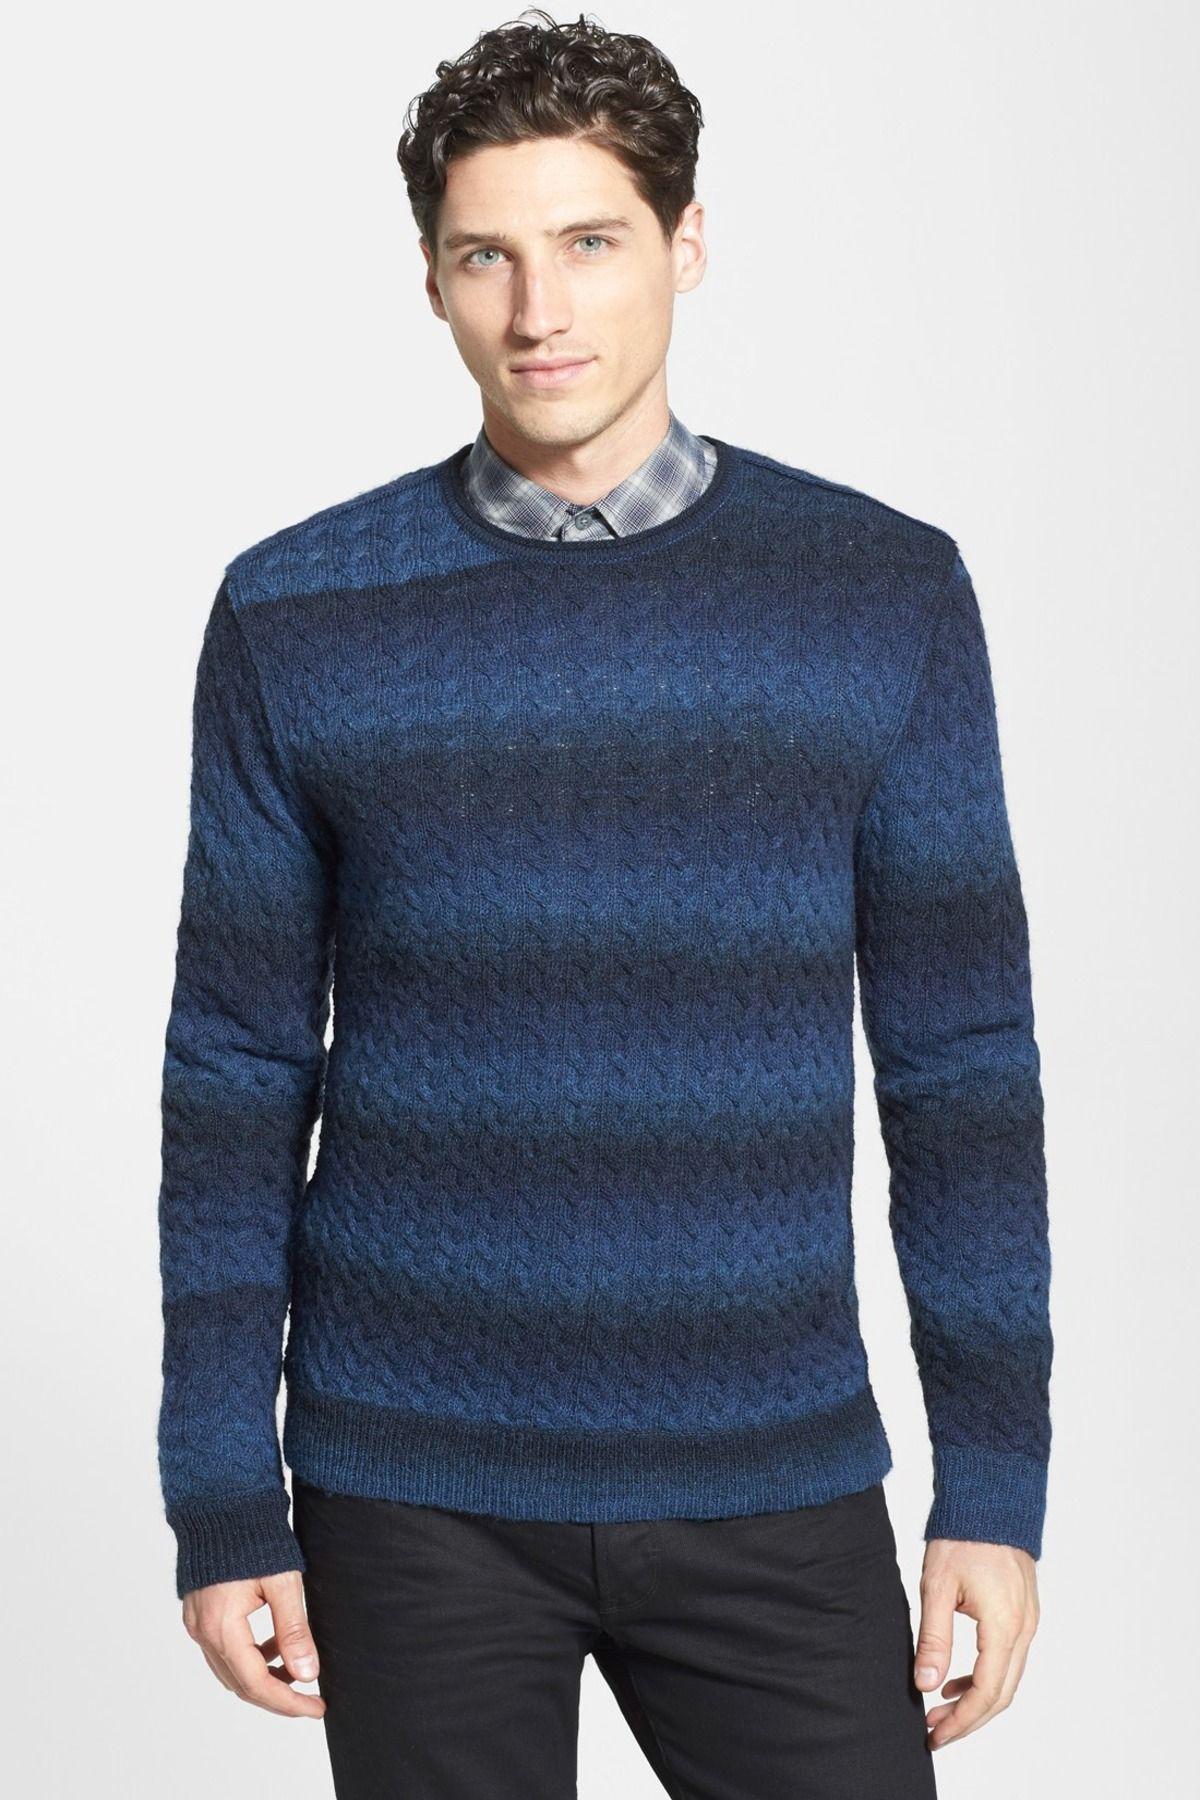 John Varvatos Star USA | Cable Knit Crew Neck Sweater | Crew neck ...